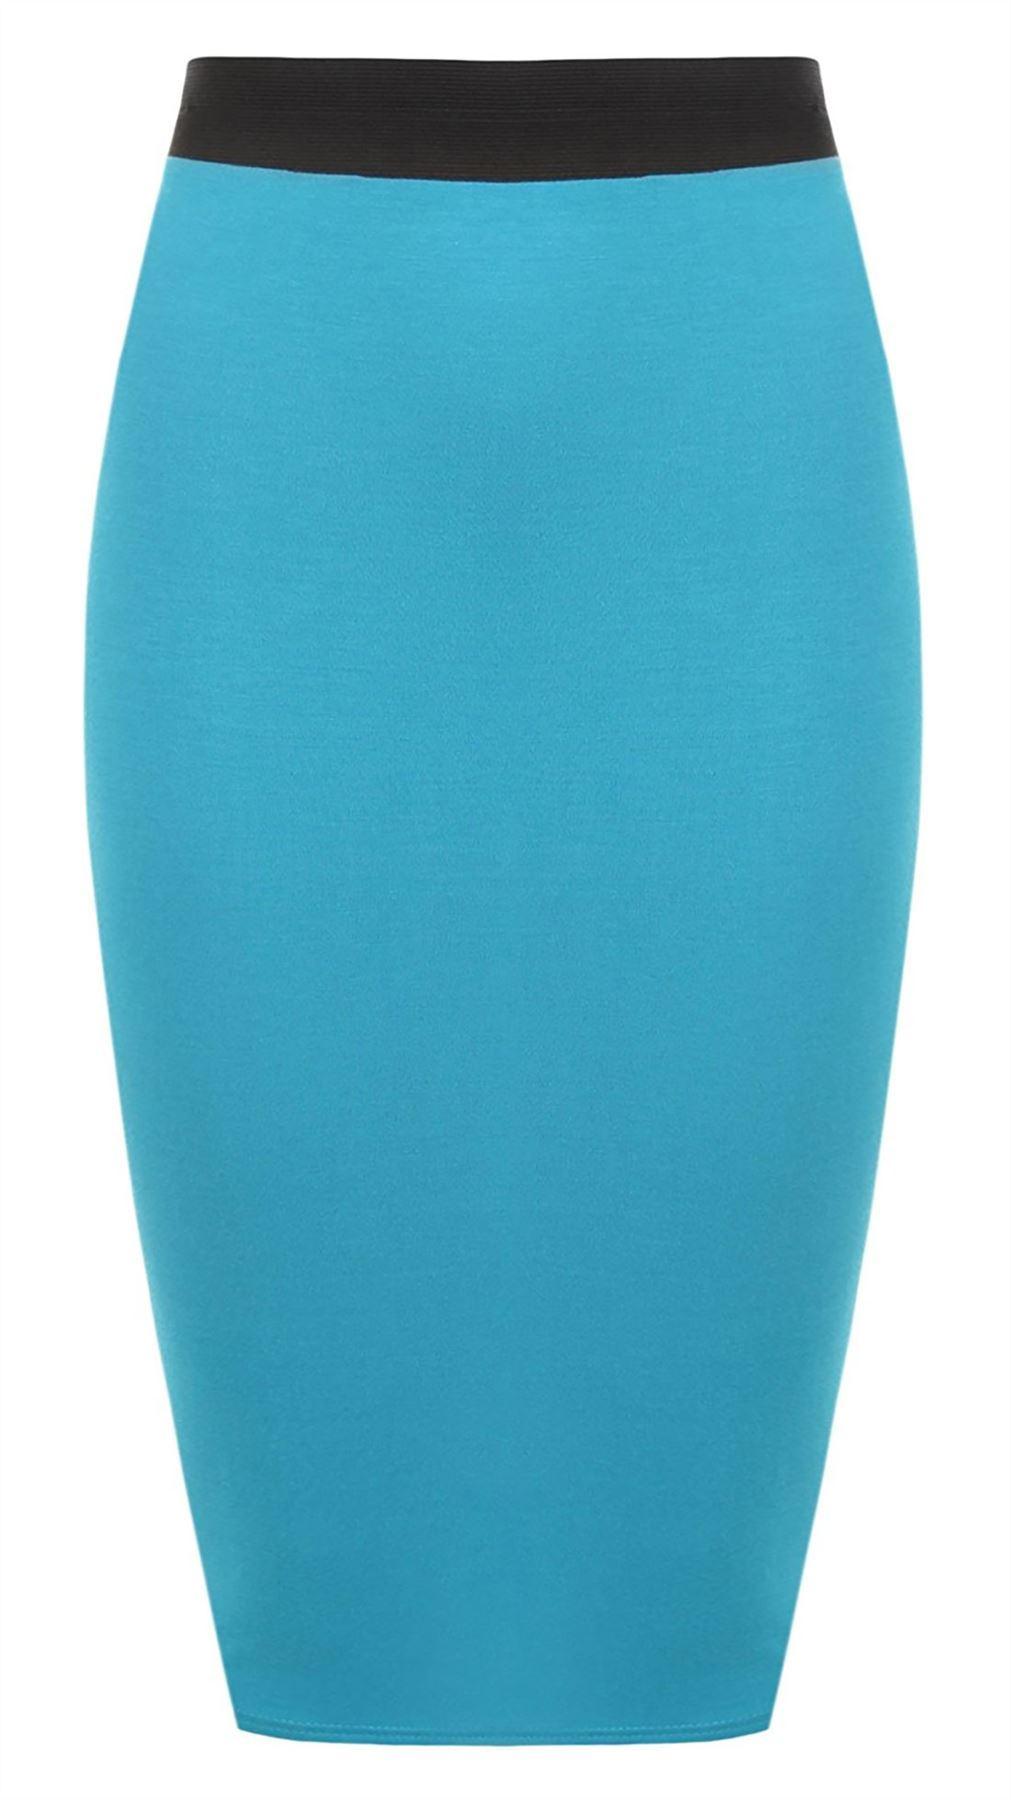 Femmes moulante Pencil Midi Skirt pour Femme de haute taille élastique Stretch Jupe